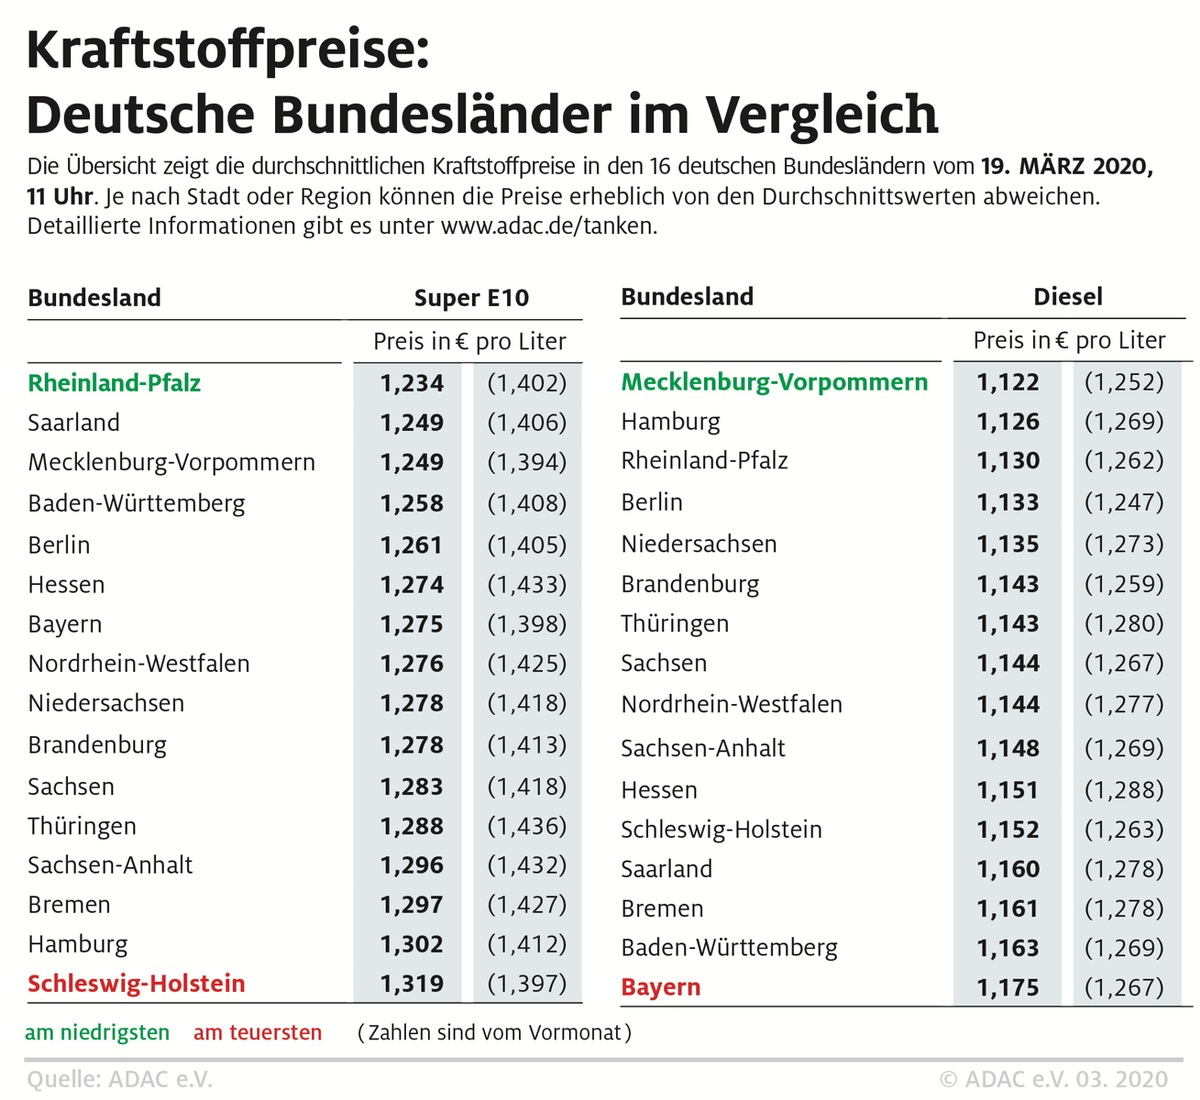 Super E10 in Rheinland-Pfalz besonders günstig / Starke regionale Preisunterschiede